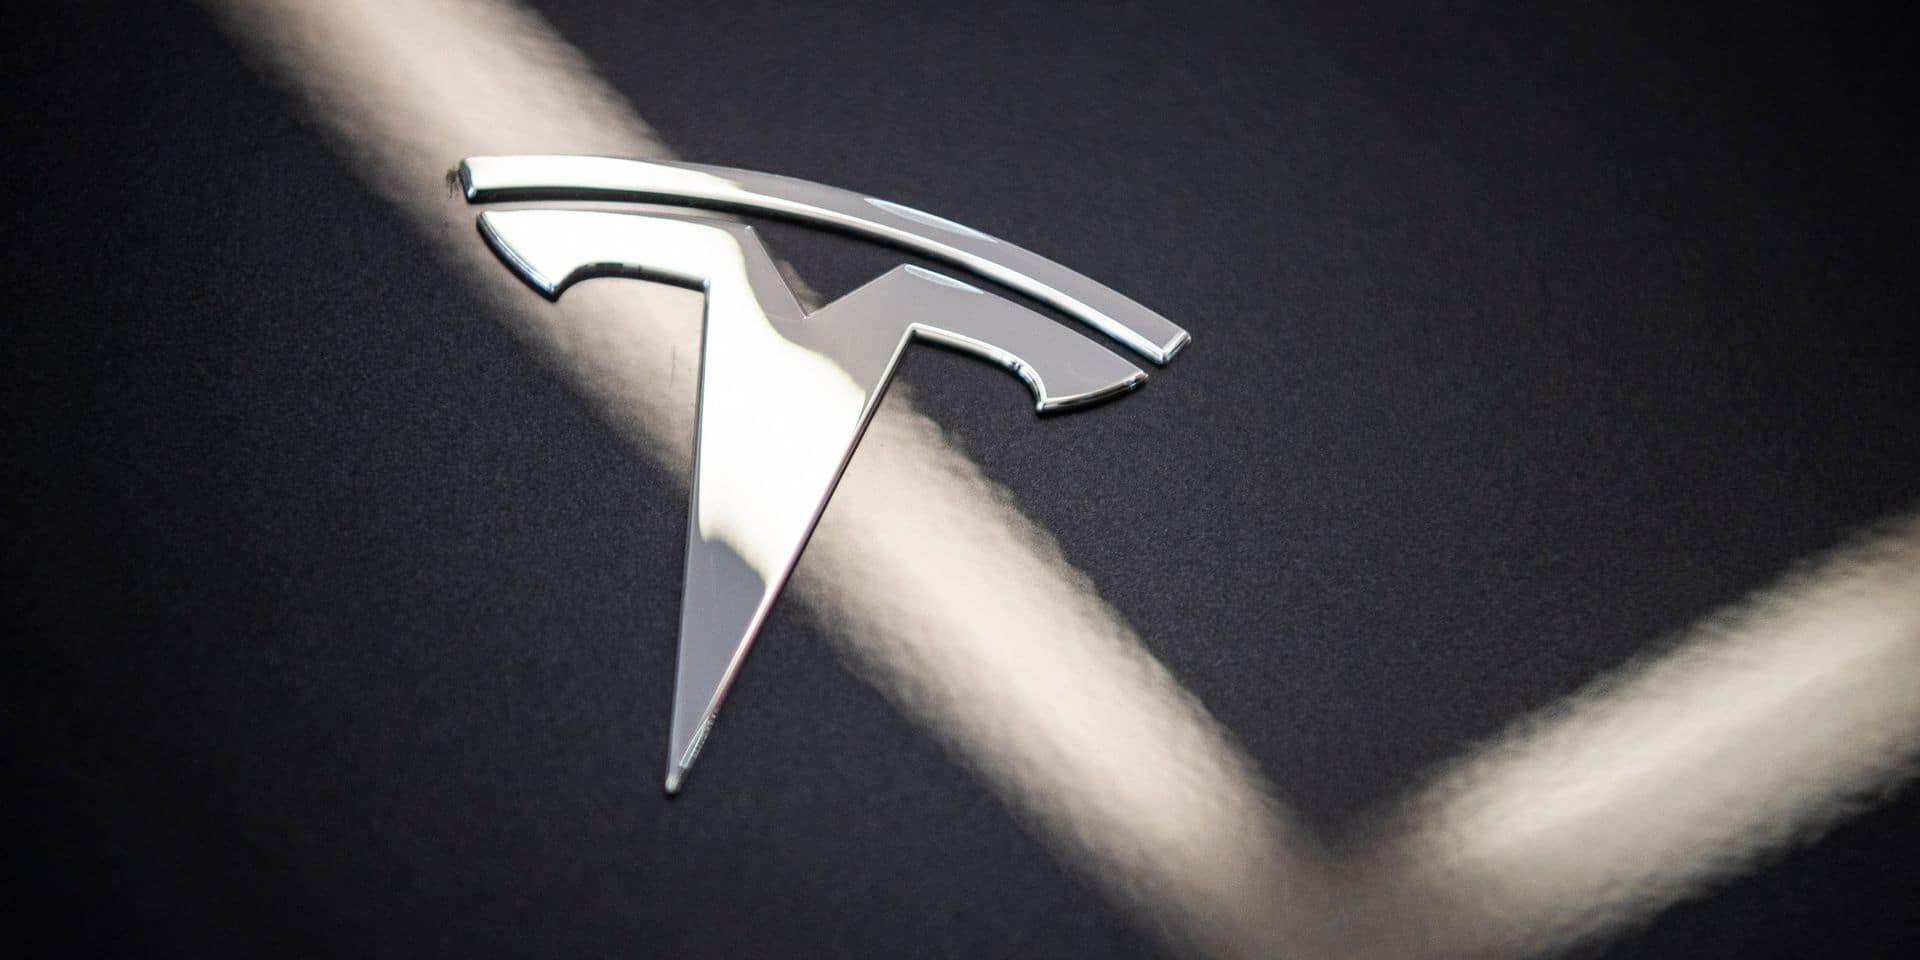 Le frère d'Elon Musk vend pour 25,6 millions de dollars d'actions Tesla